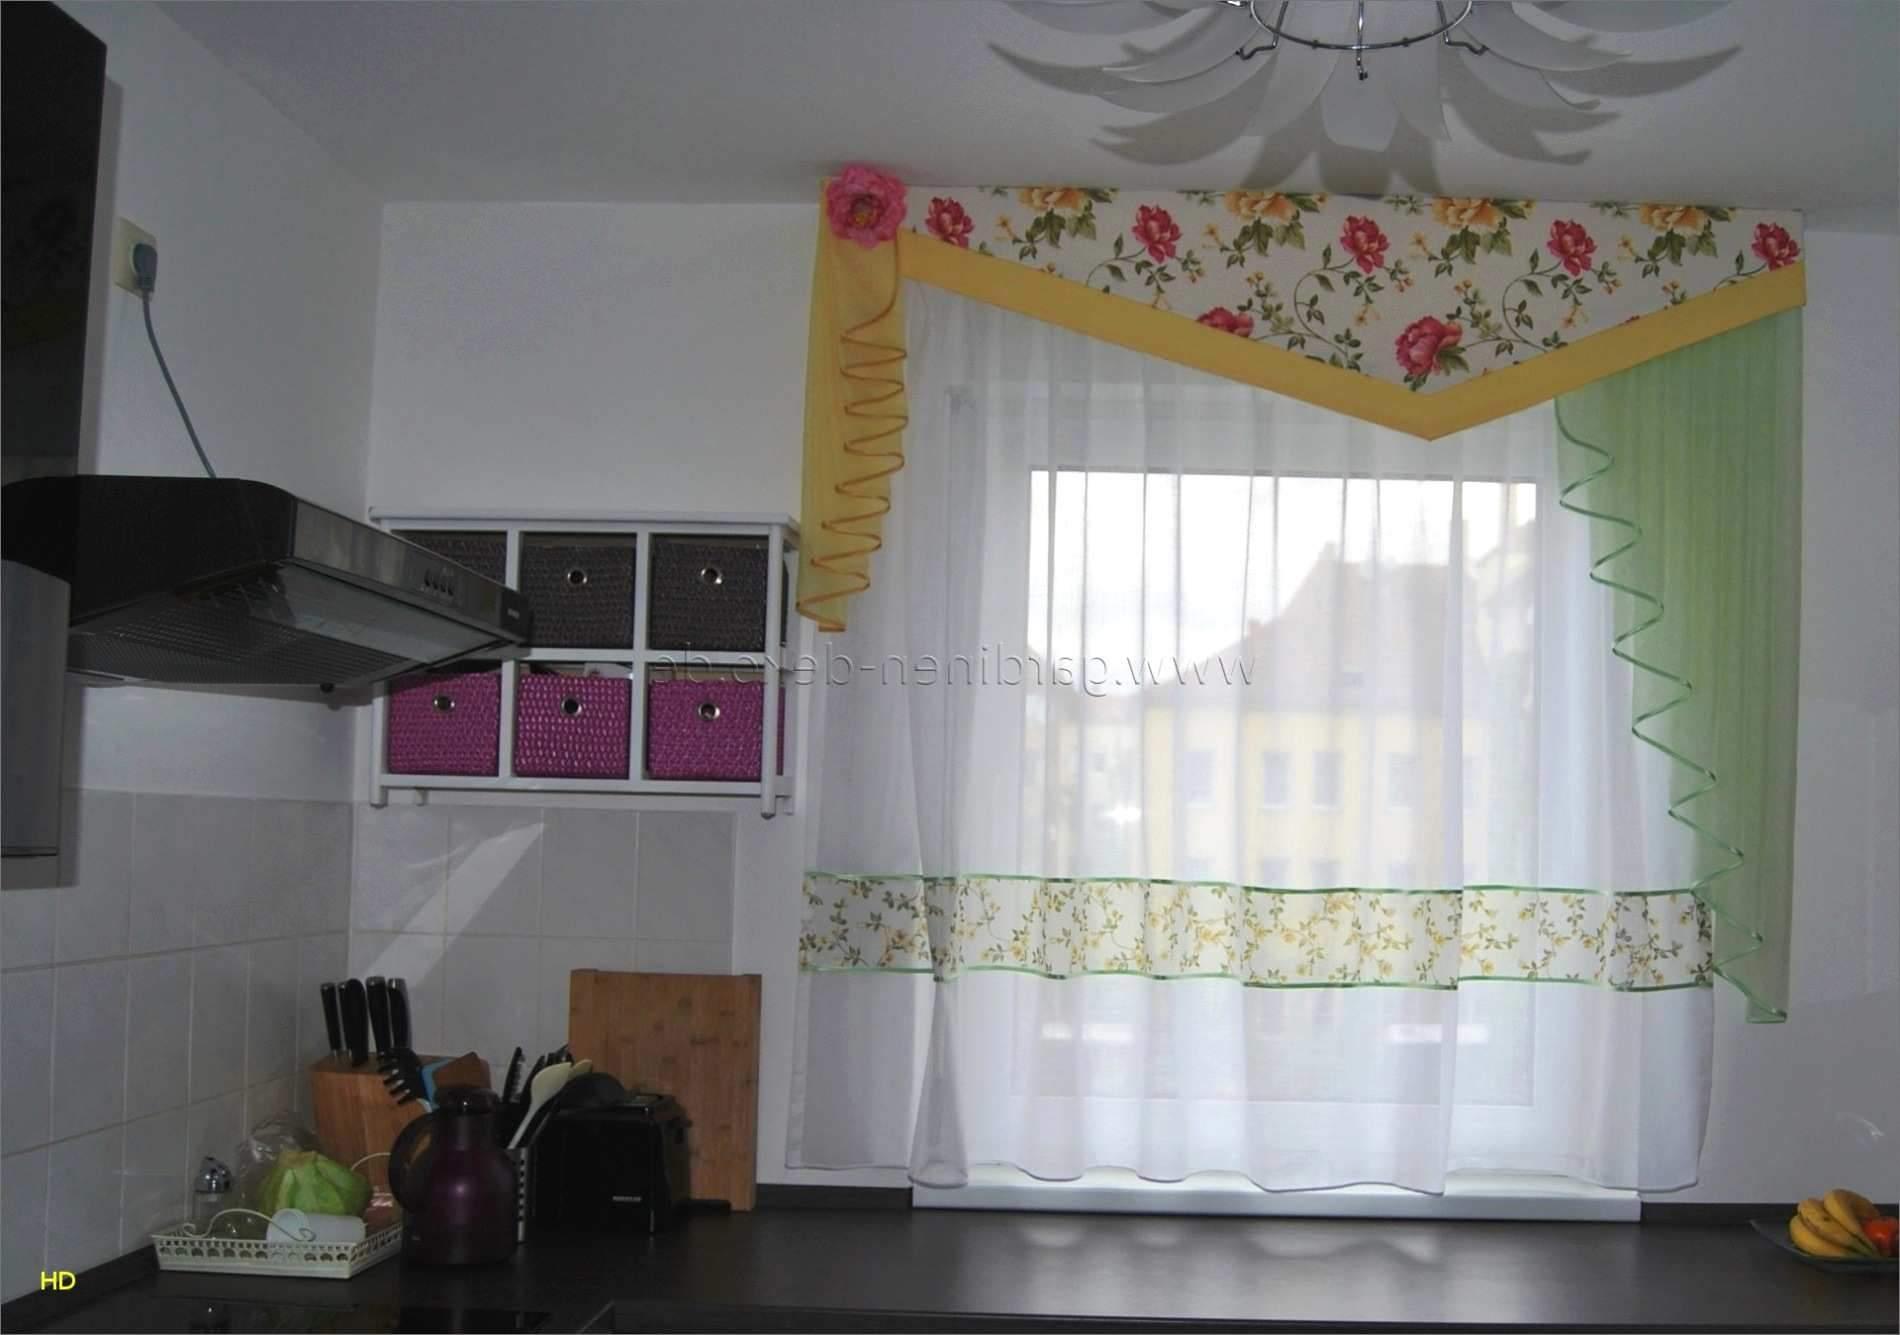 Full Size of Gardinen Für Küchenfenster Sichtschutzfolien Fenster Küche Regal Kleidung Betten Teenager Insektenschutz Bilder Fürs Wohnzimmer Tapeten Die Laminat Wohnzimmer Gardinen Für Küchenfenster